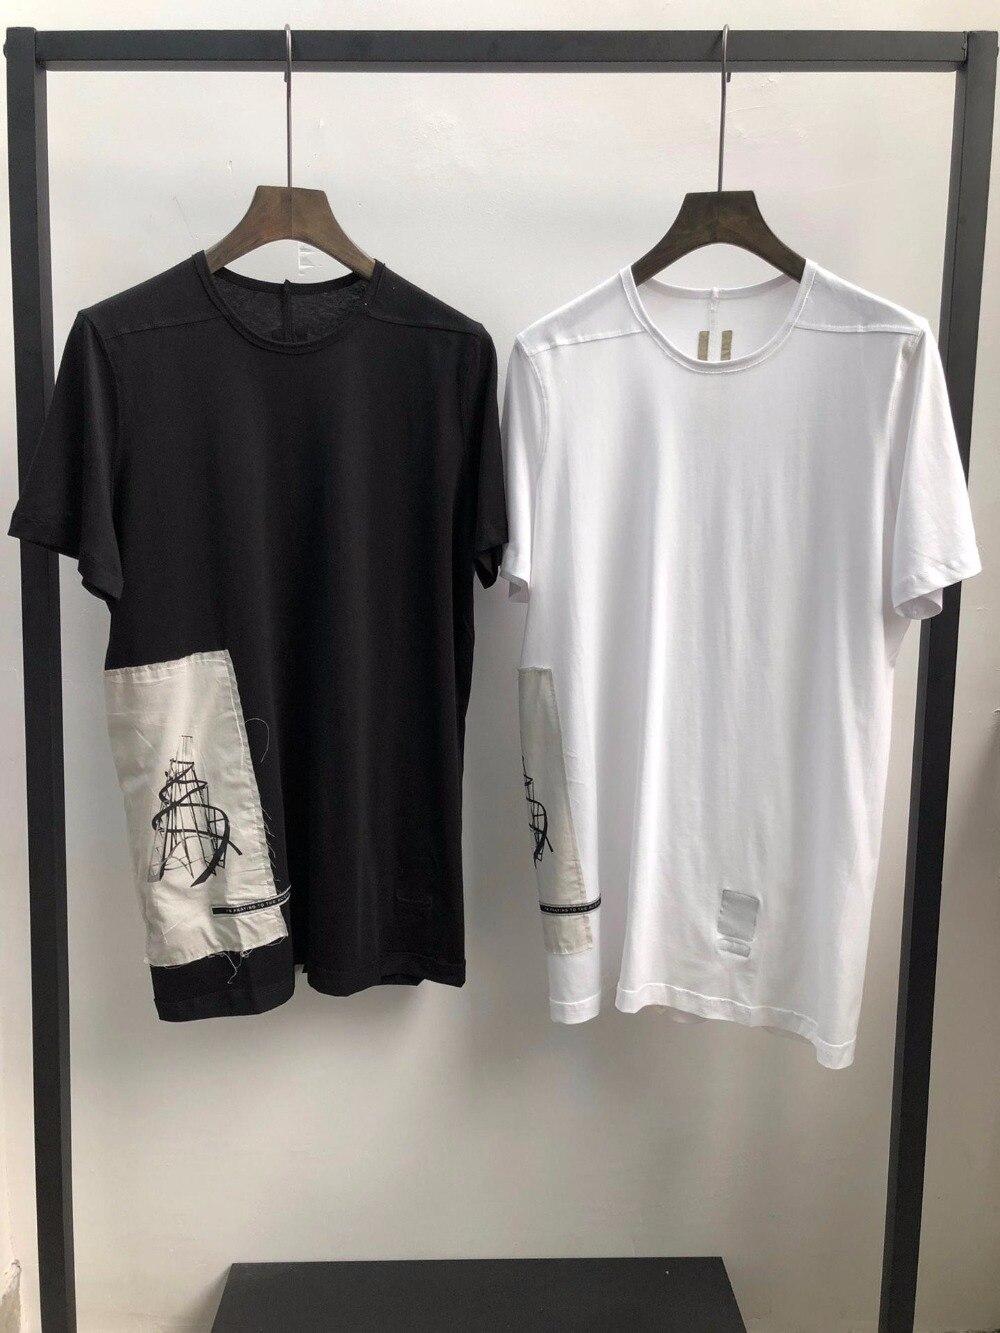 Camiseta Casual de hombres de seak de 100% algodón estilo gótico Tops ropa de hombre Tops de gran tamaño camisetas de verano para mujeres blanco T camisa-in Camisetas from Ropa de hombre    1